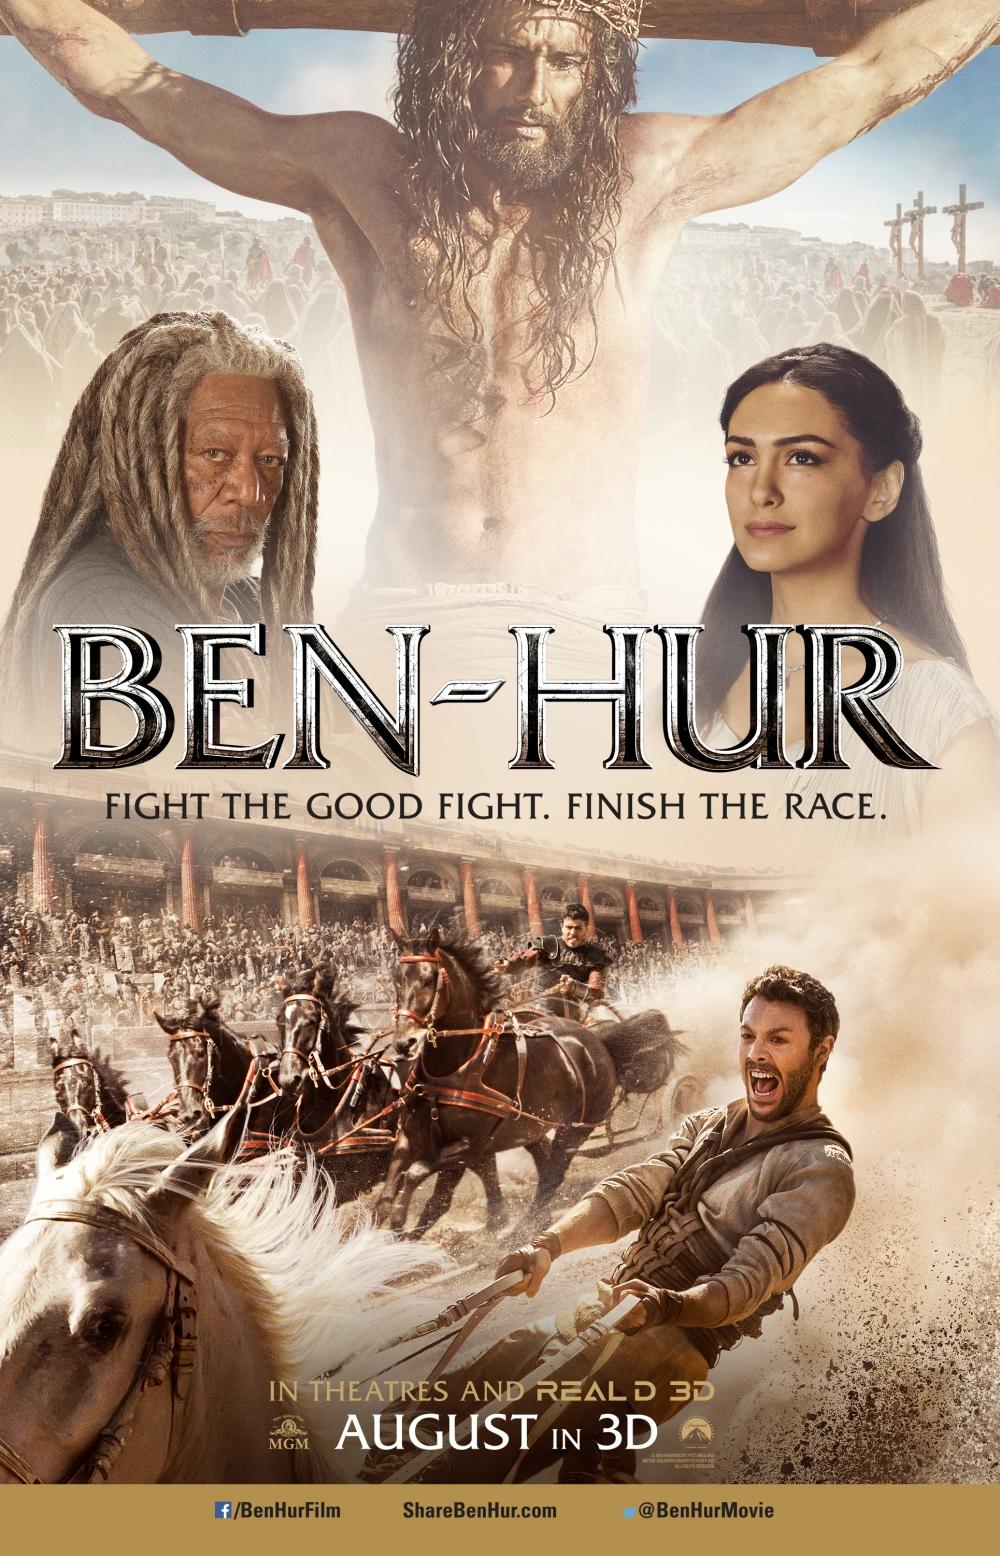 Ben-Hur (2016) Backgrounds, Compatible - PC, Mobile, Gadgets  1000x1556 px